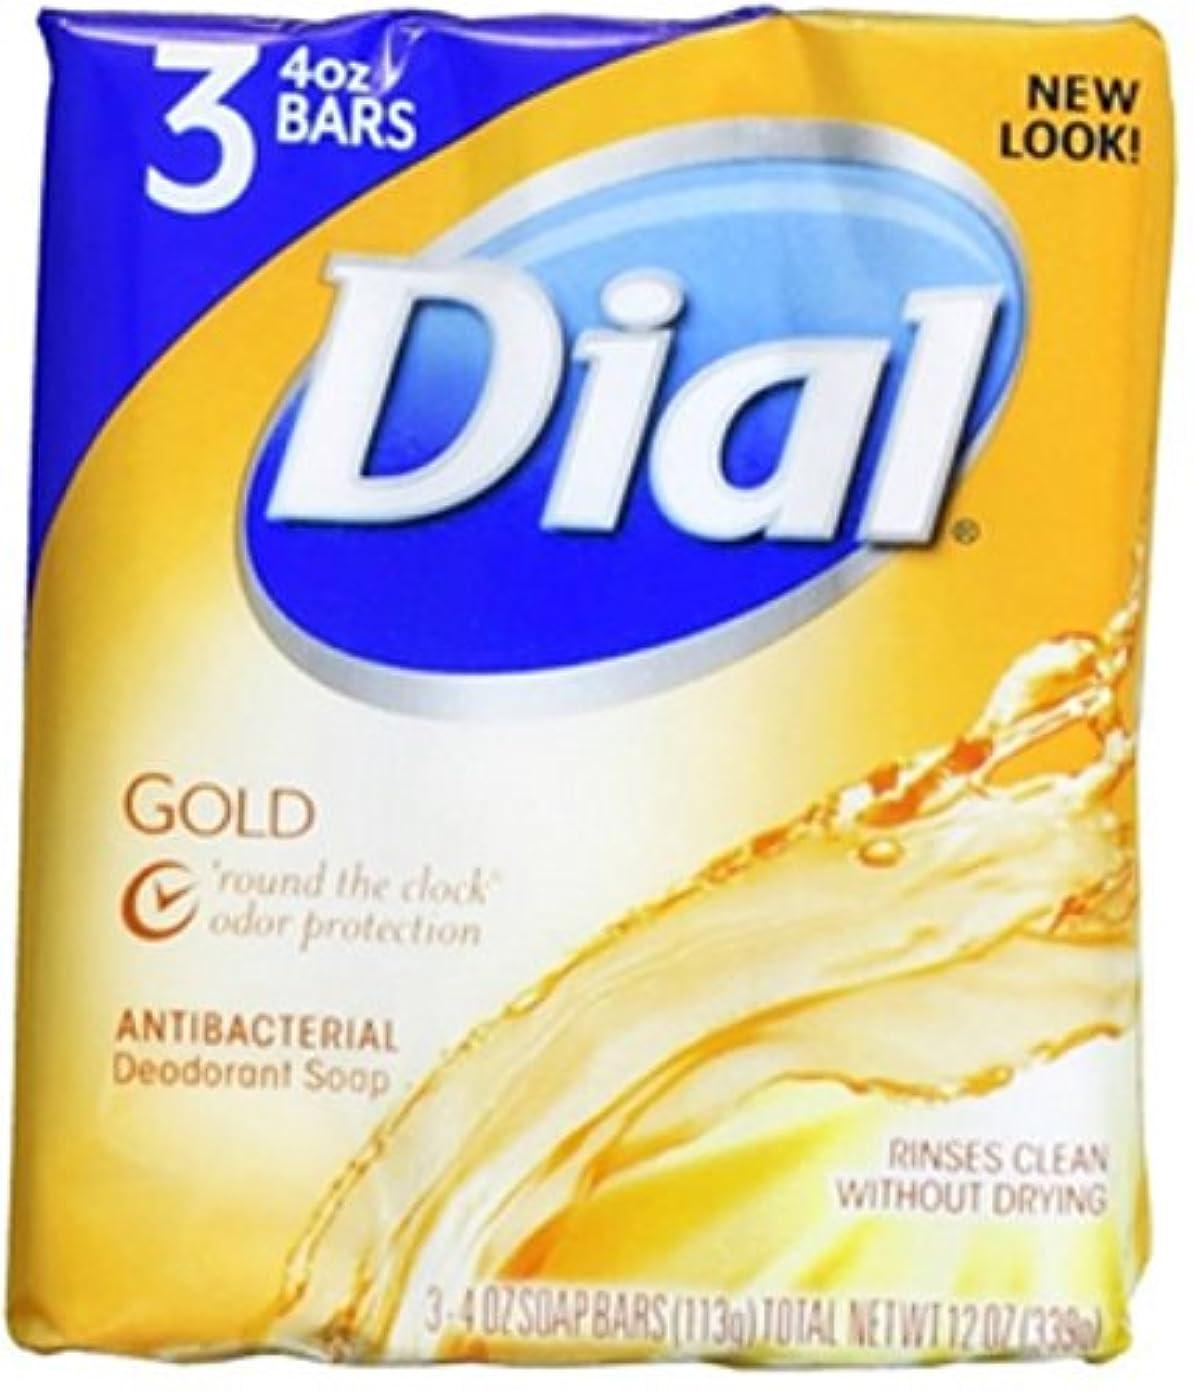 補助金ブランチテニスDial 抗菌消臭石鹸バー、ゴールド、4つのオズバー、3 Eaは(6パック)